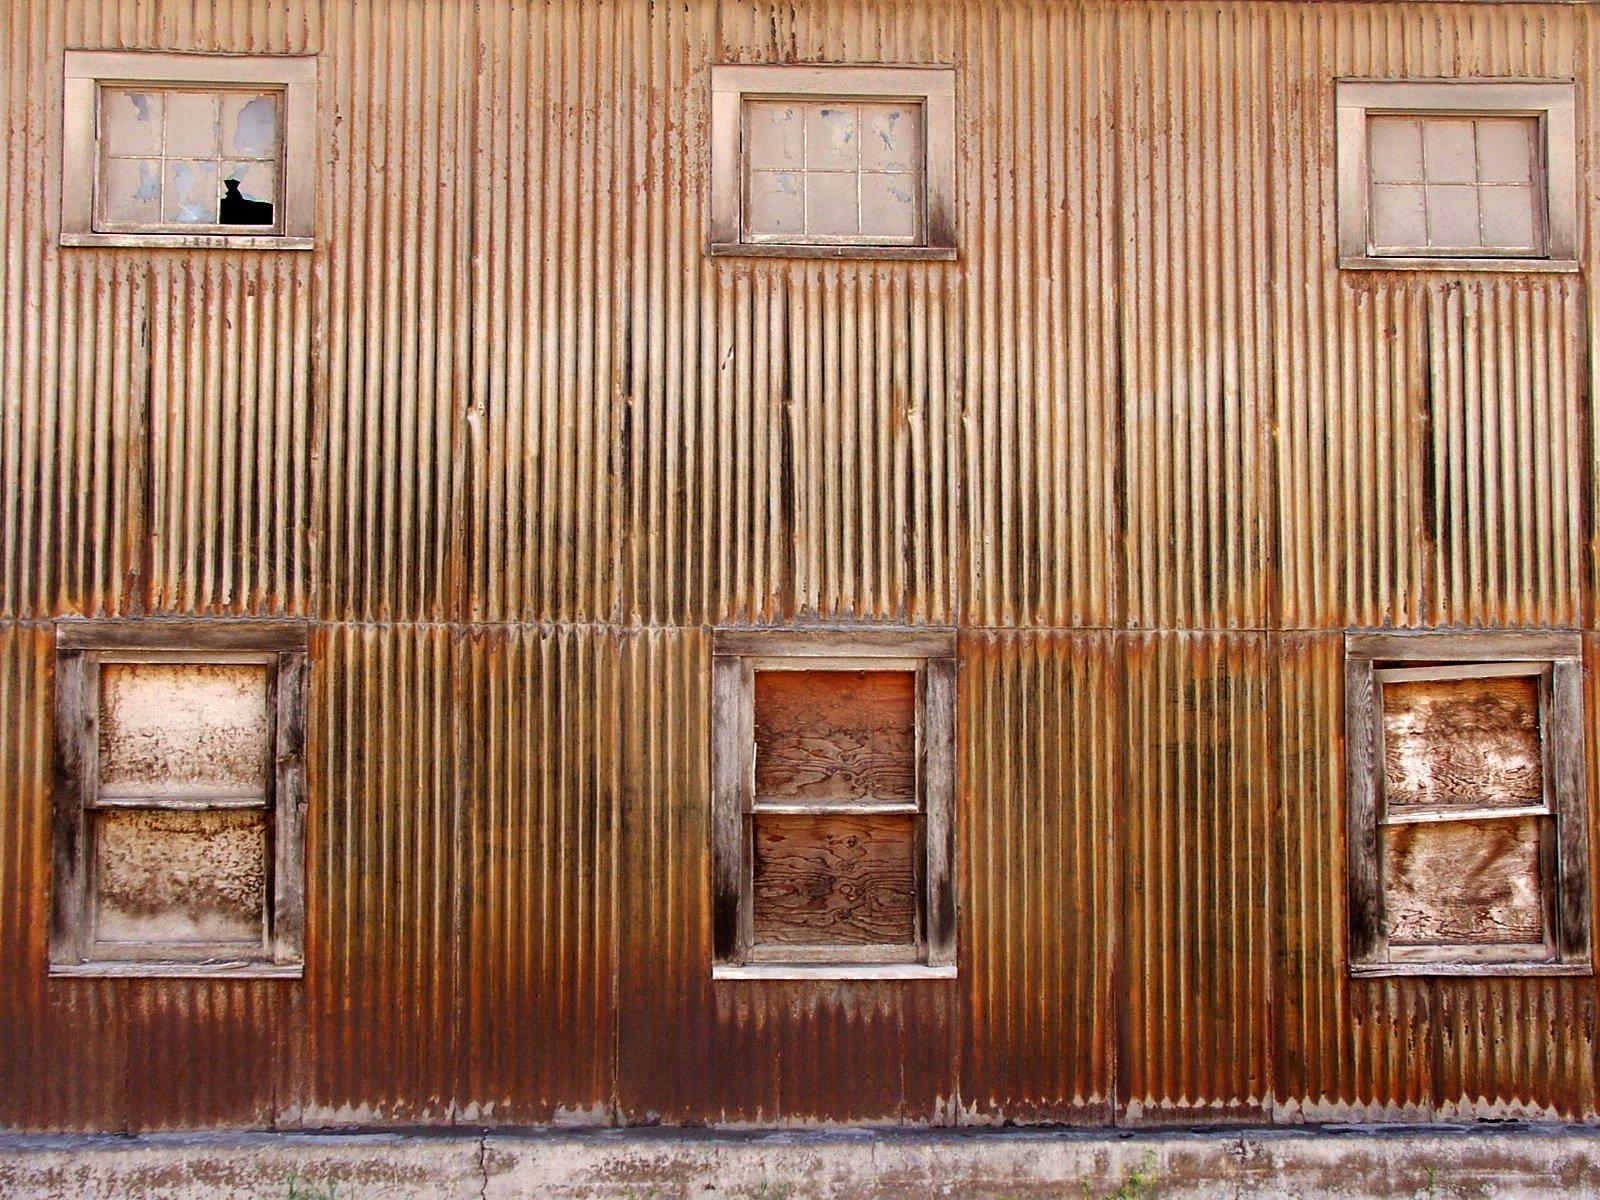 6 windows